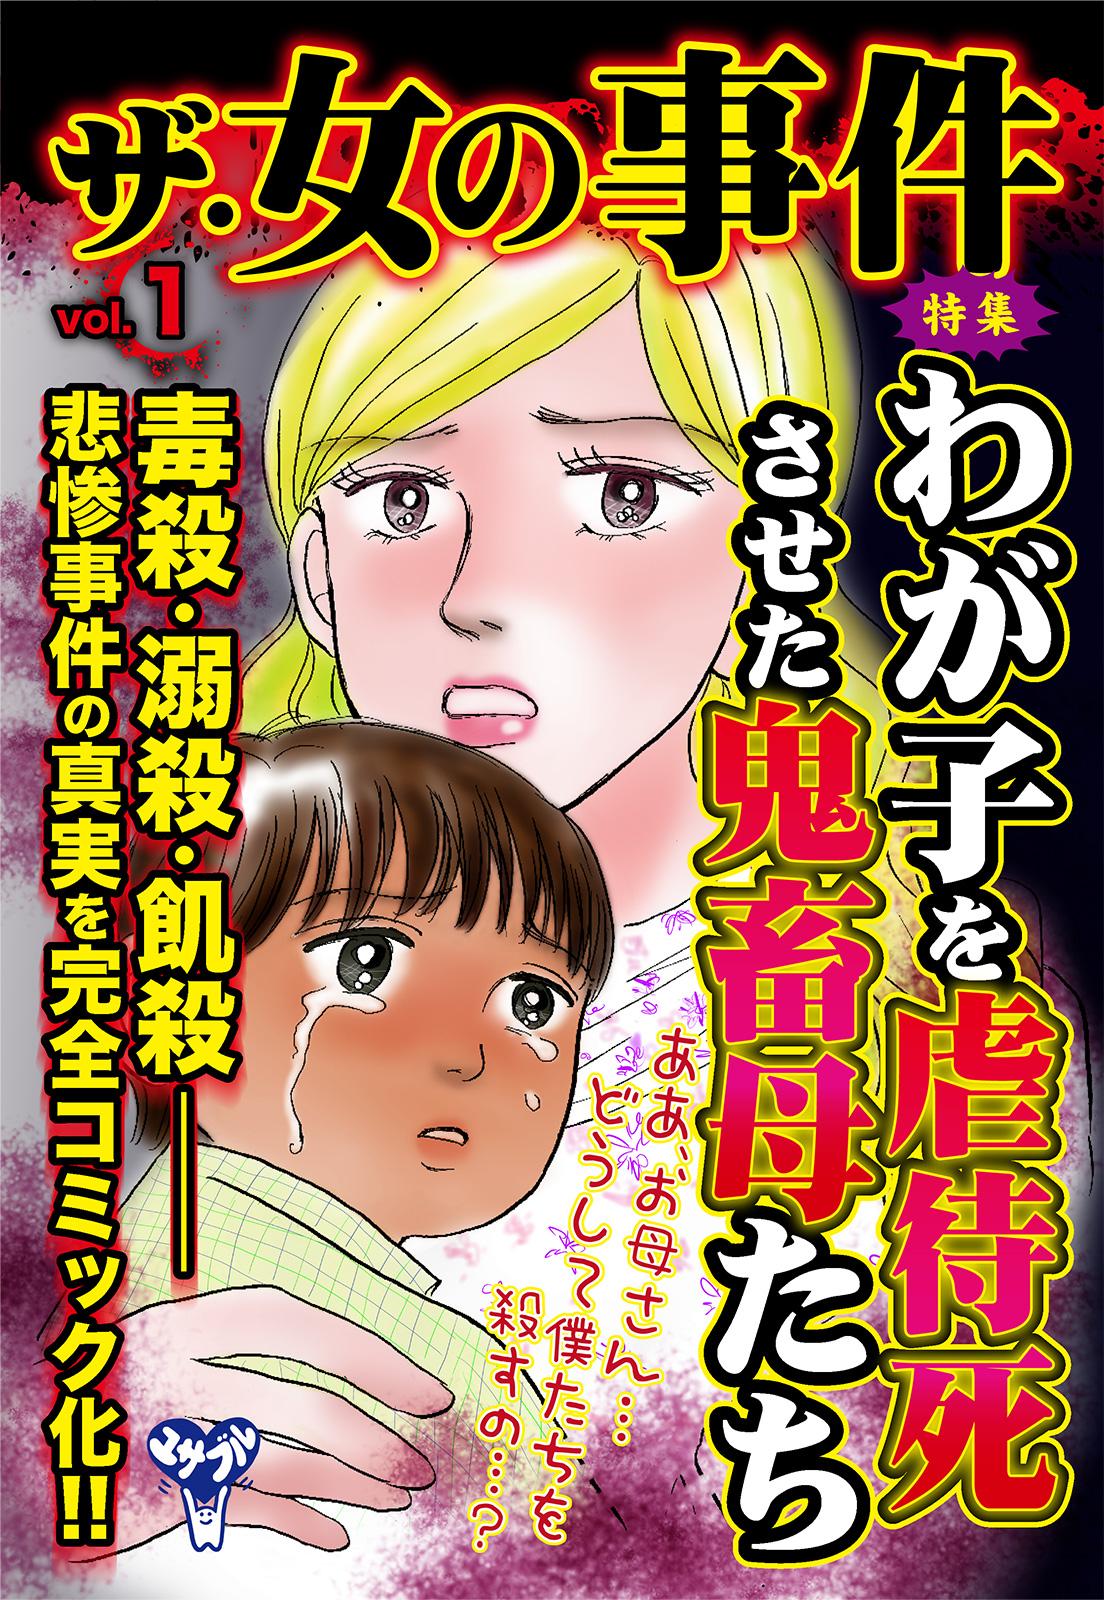 ザ・女の事件Vol.1(腐敗水点滴わが子三人殺し事件)